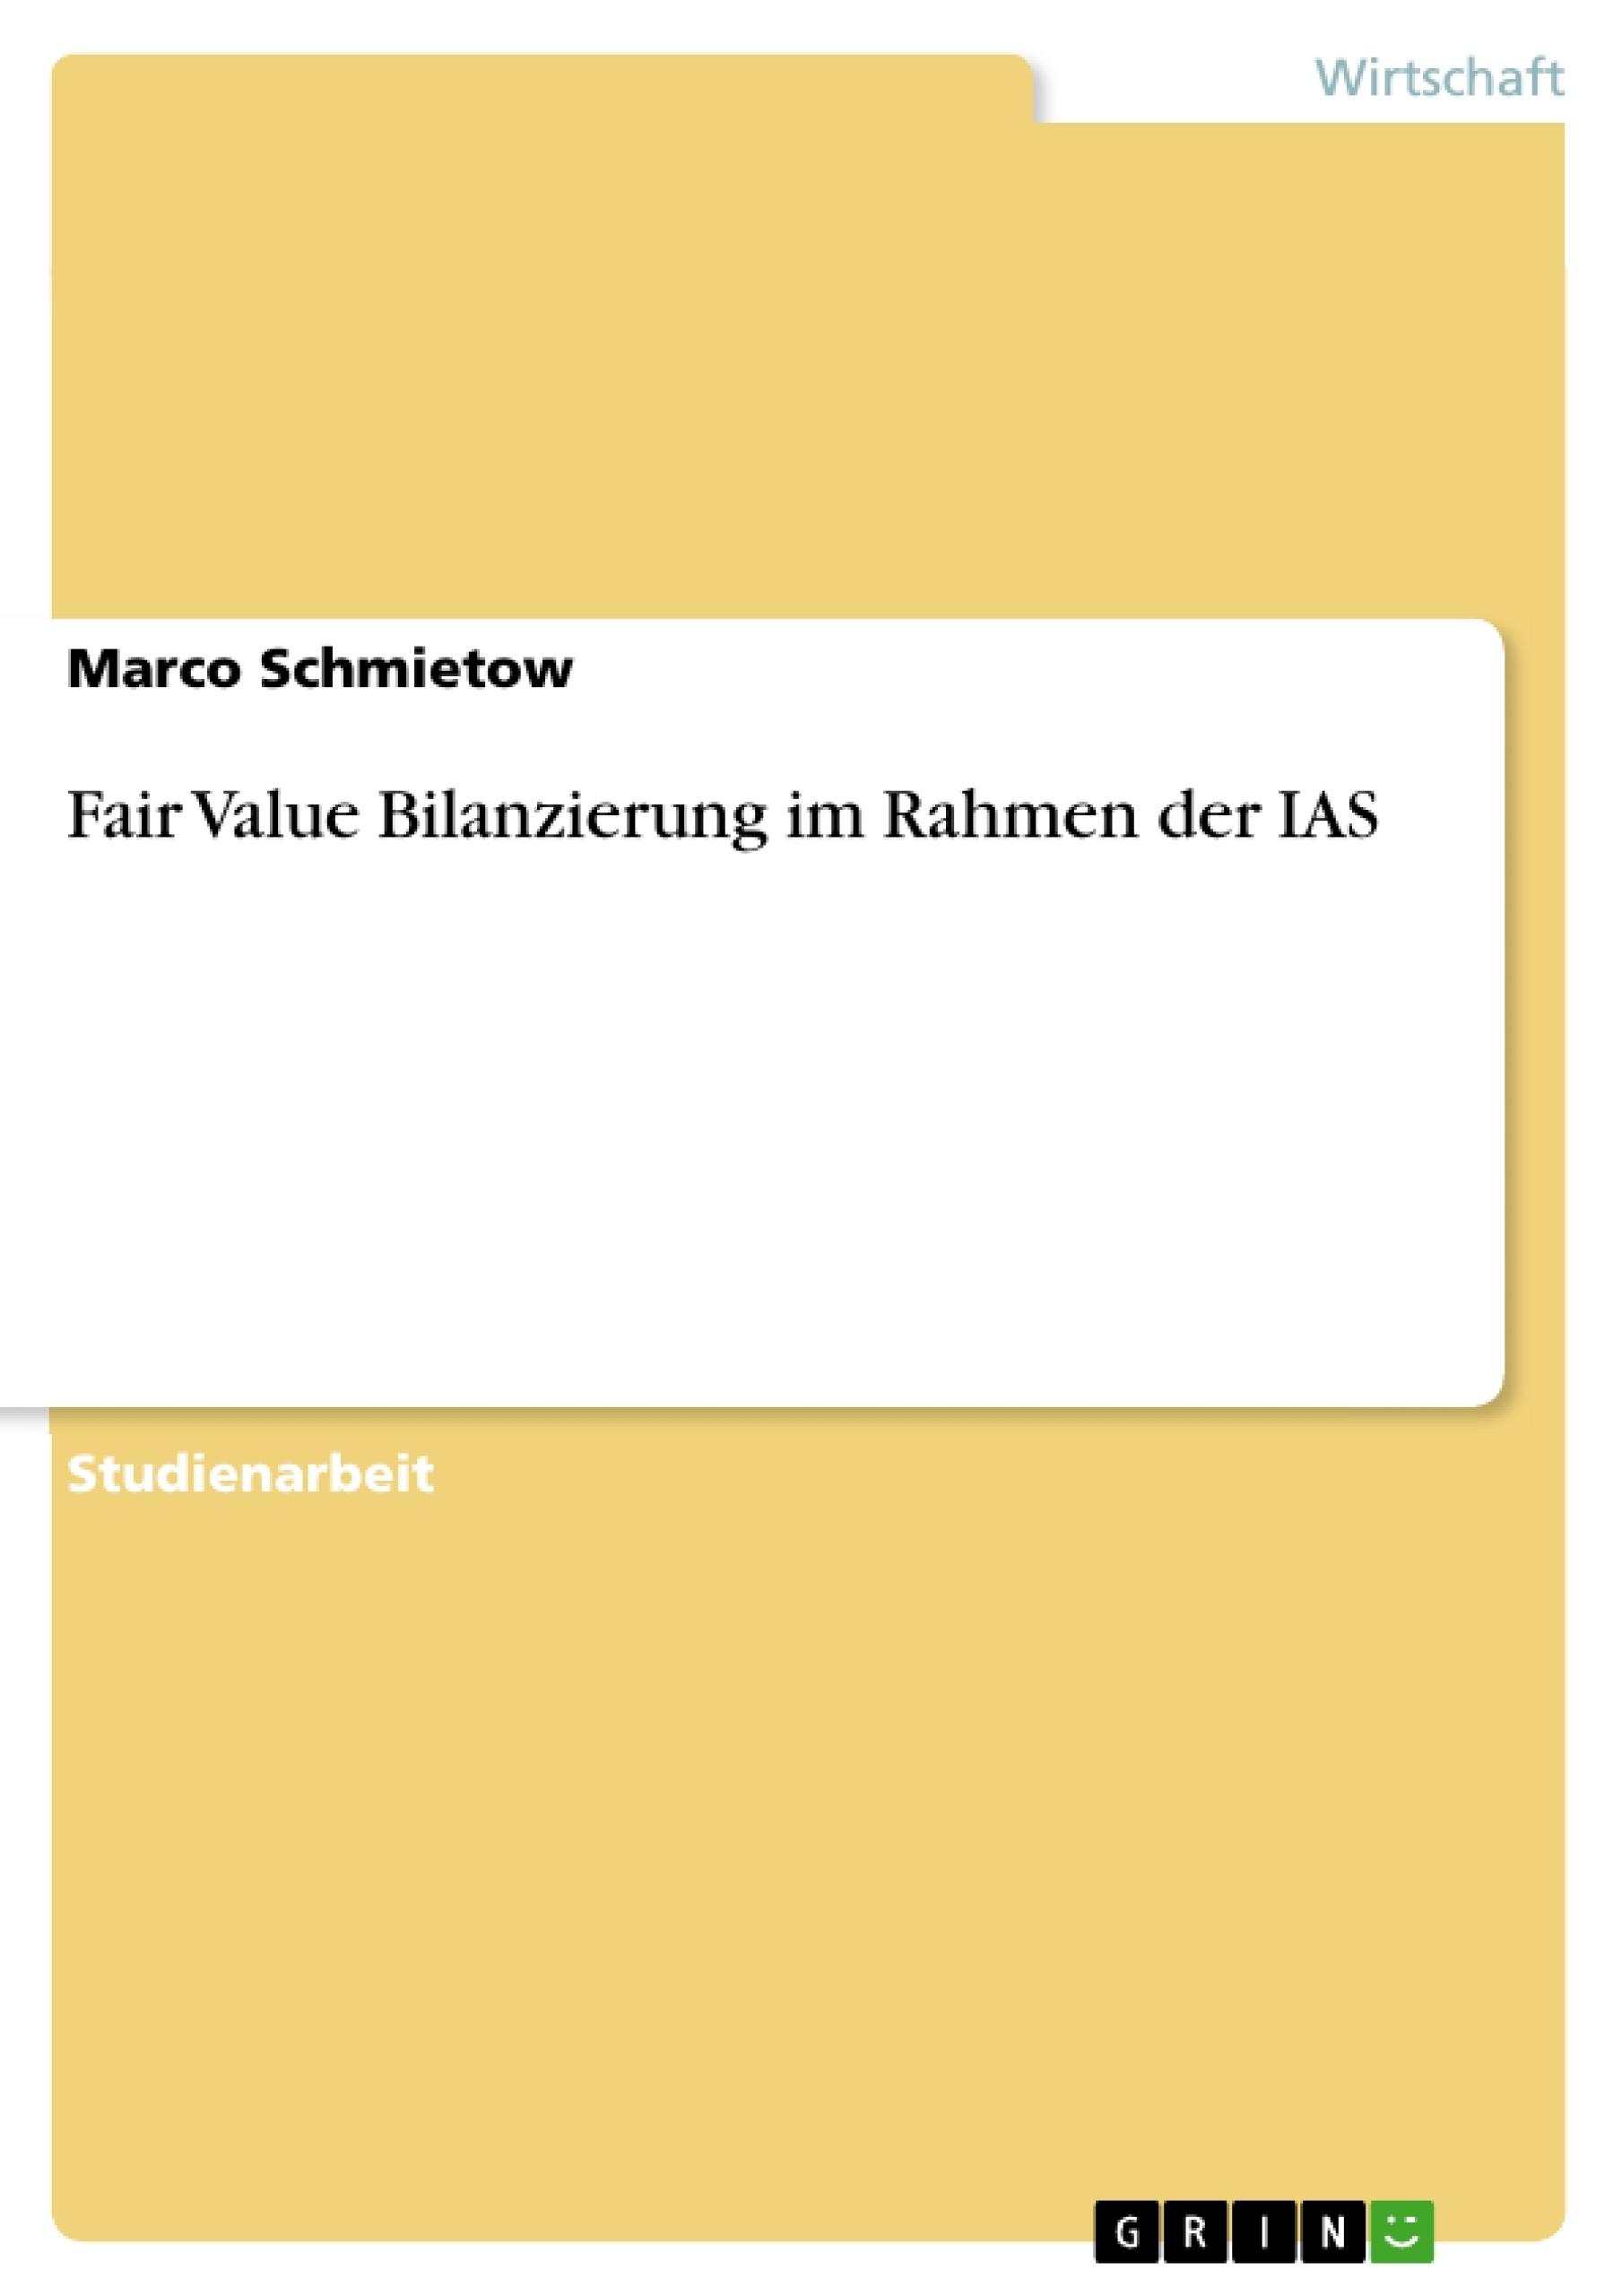 Titel: Fair Value Bilanzierung im Rahmen der IAS